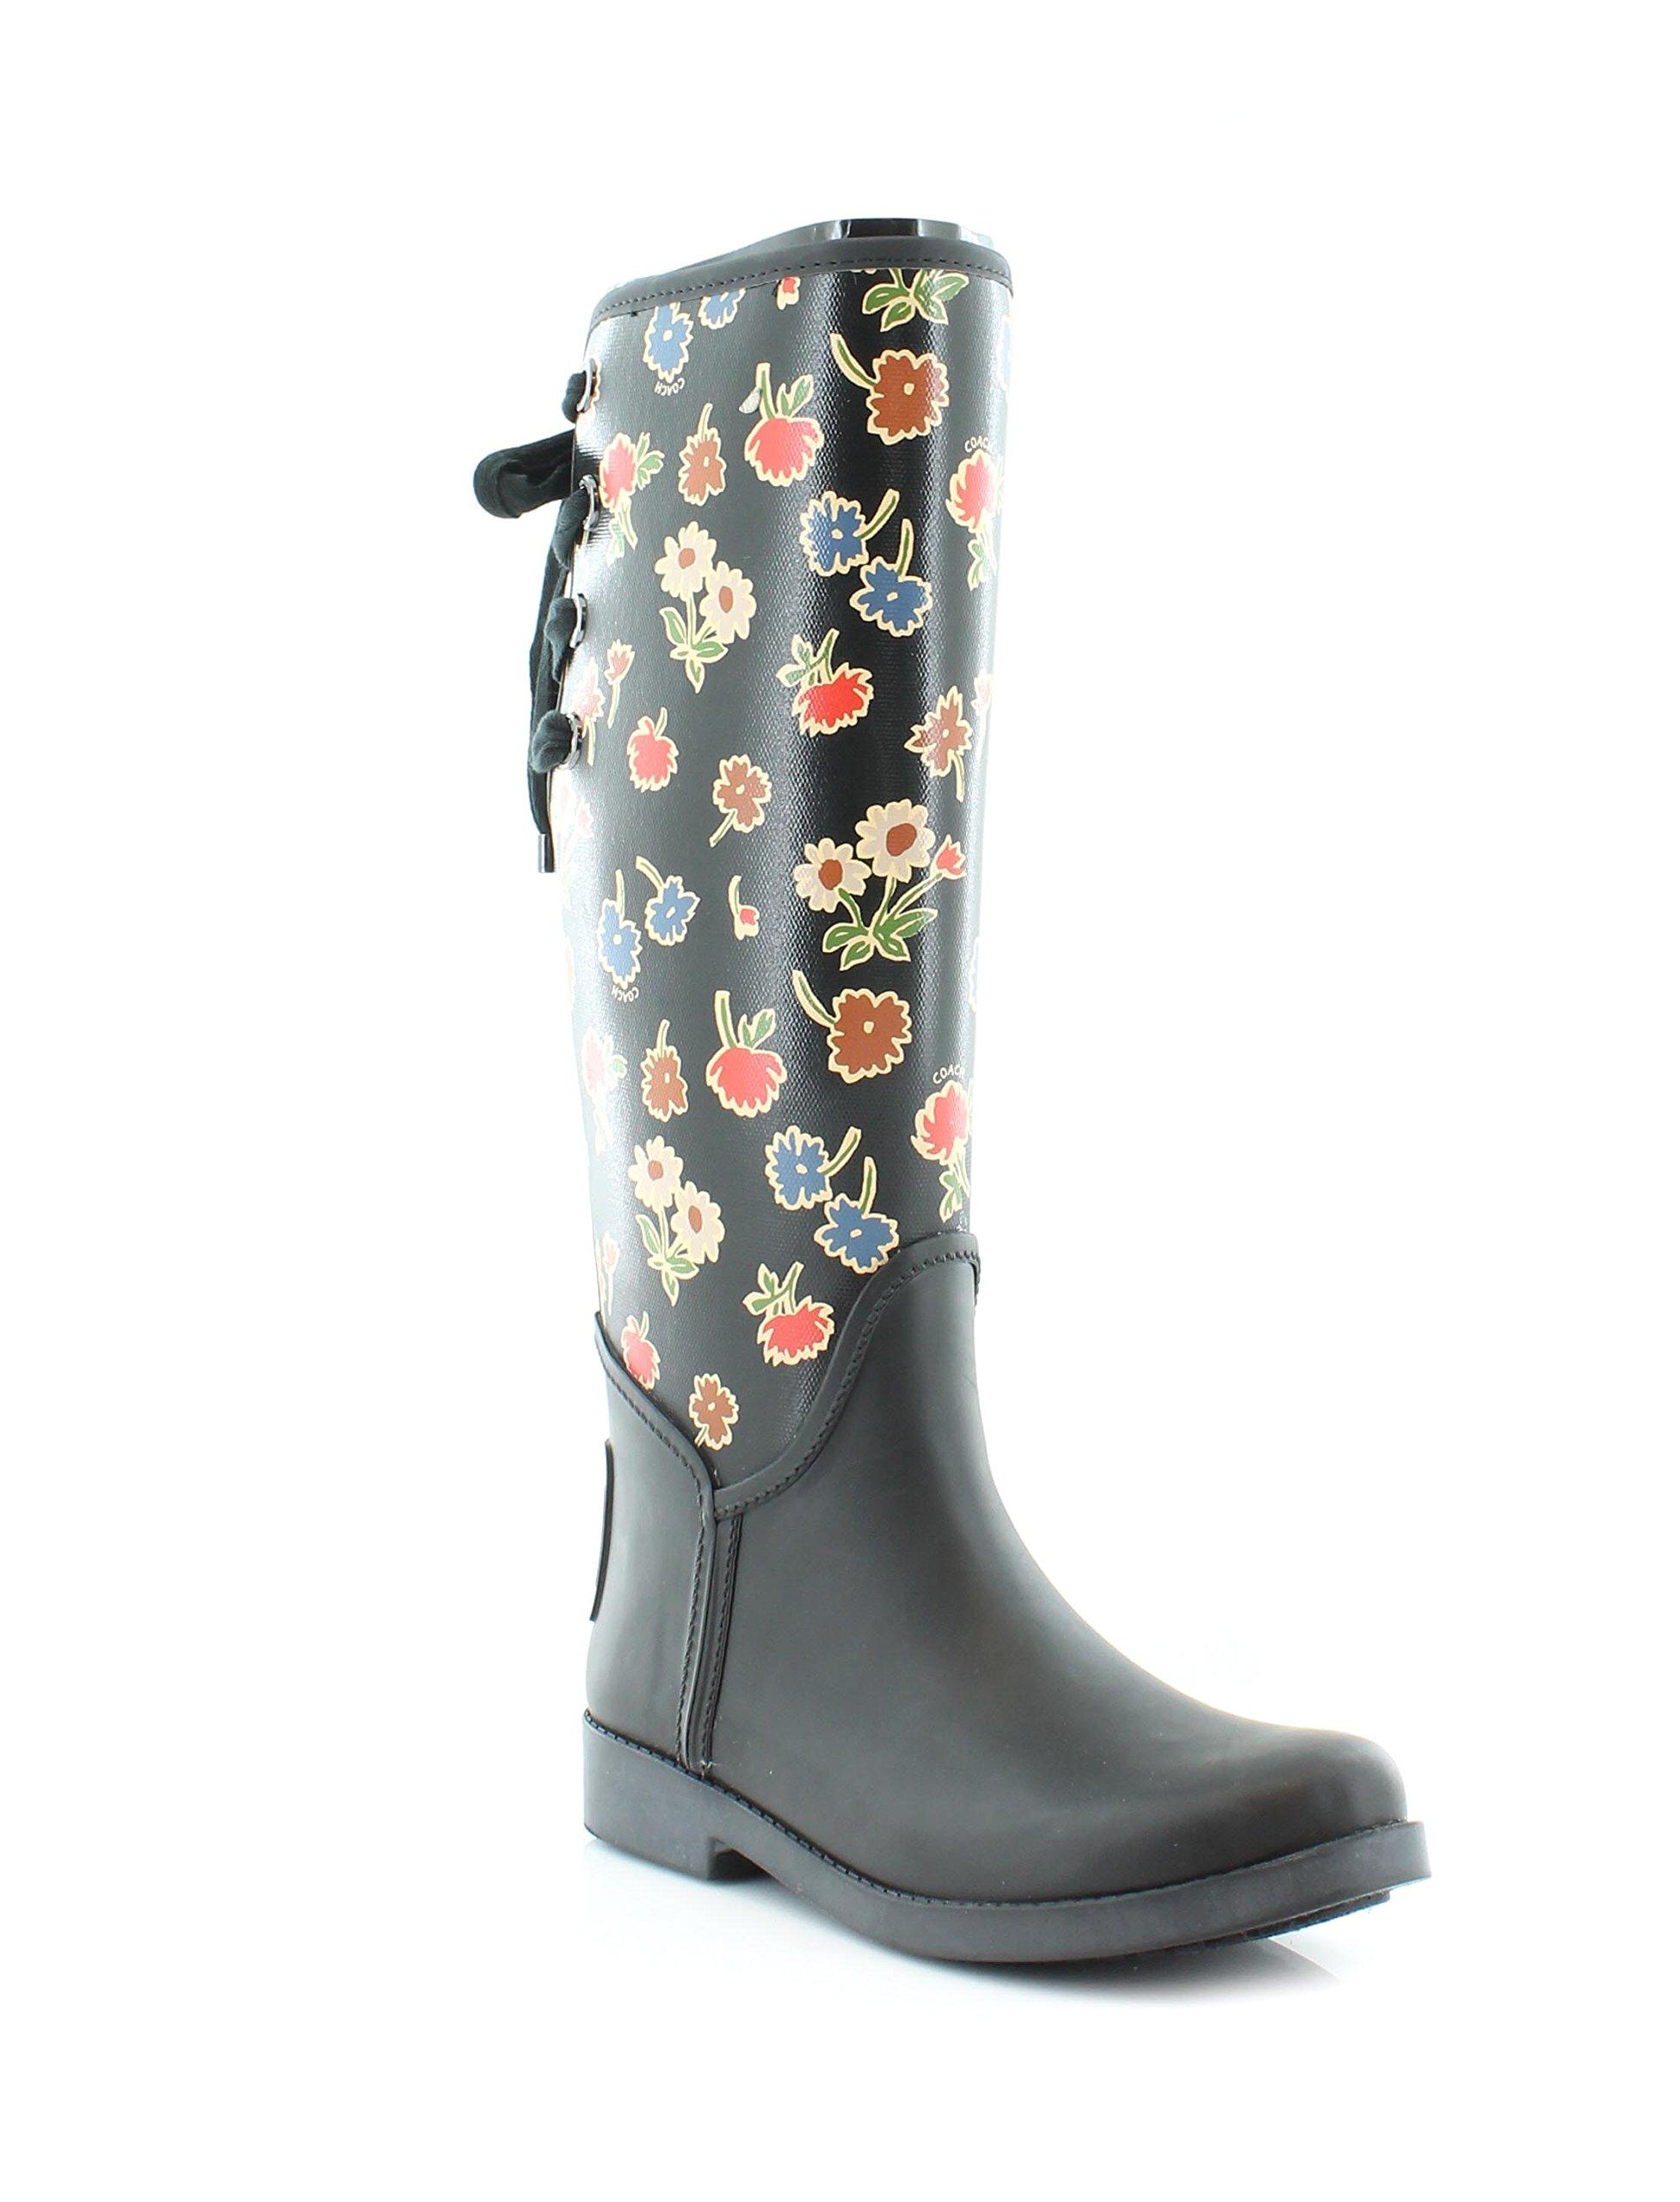 Coach Women's Tristee Black Black Multi Floral Rain Boots 7 (B)M, Style A01567